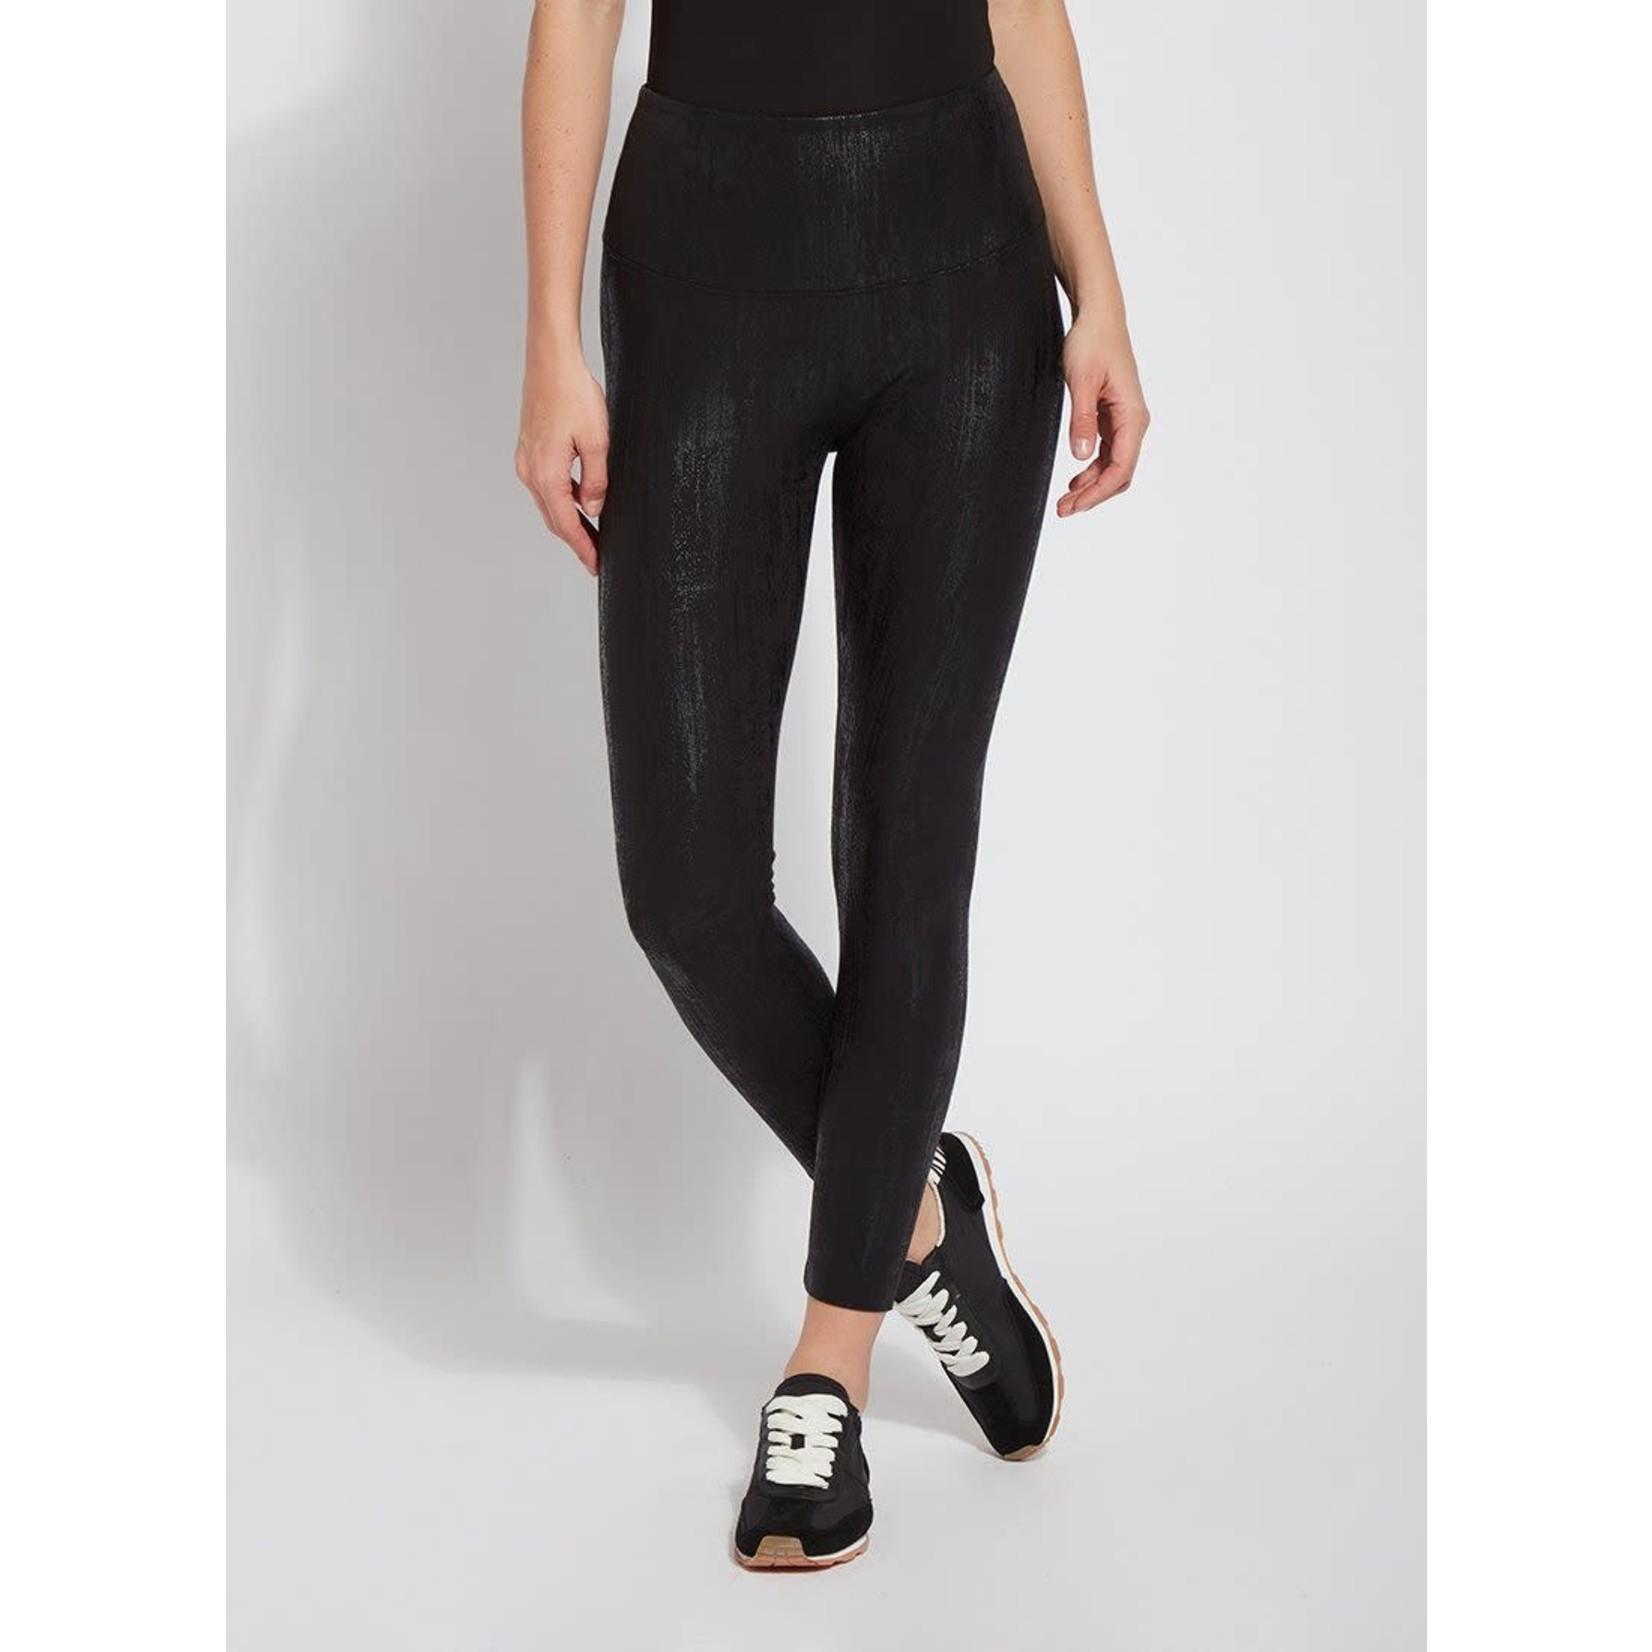 Flattering Cotton Legging in Liquid Black